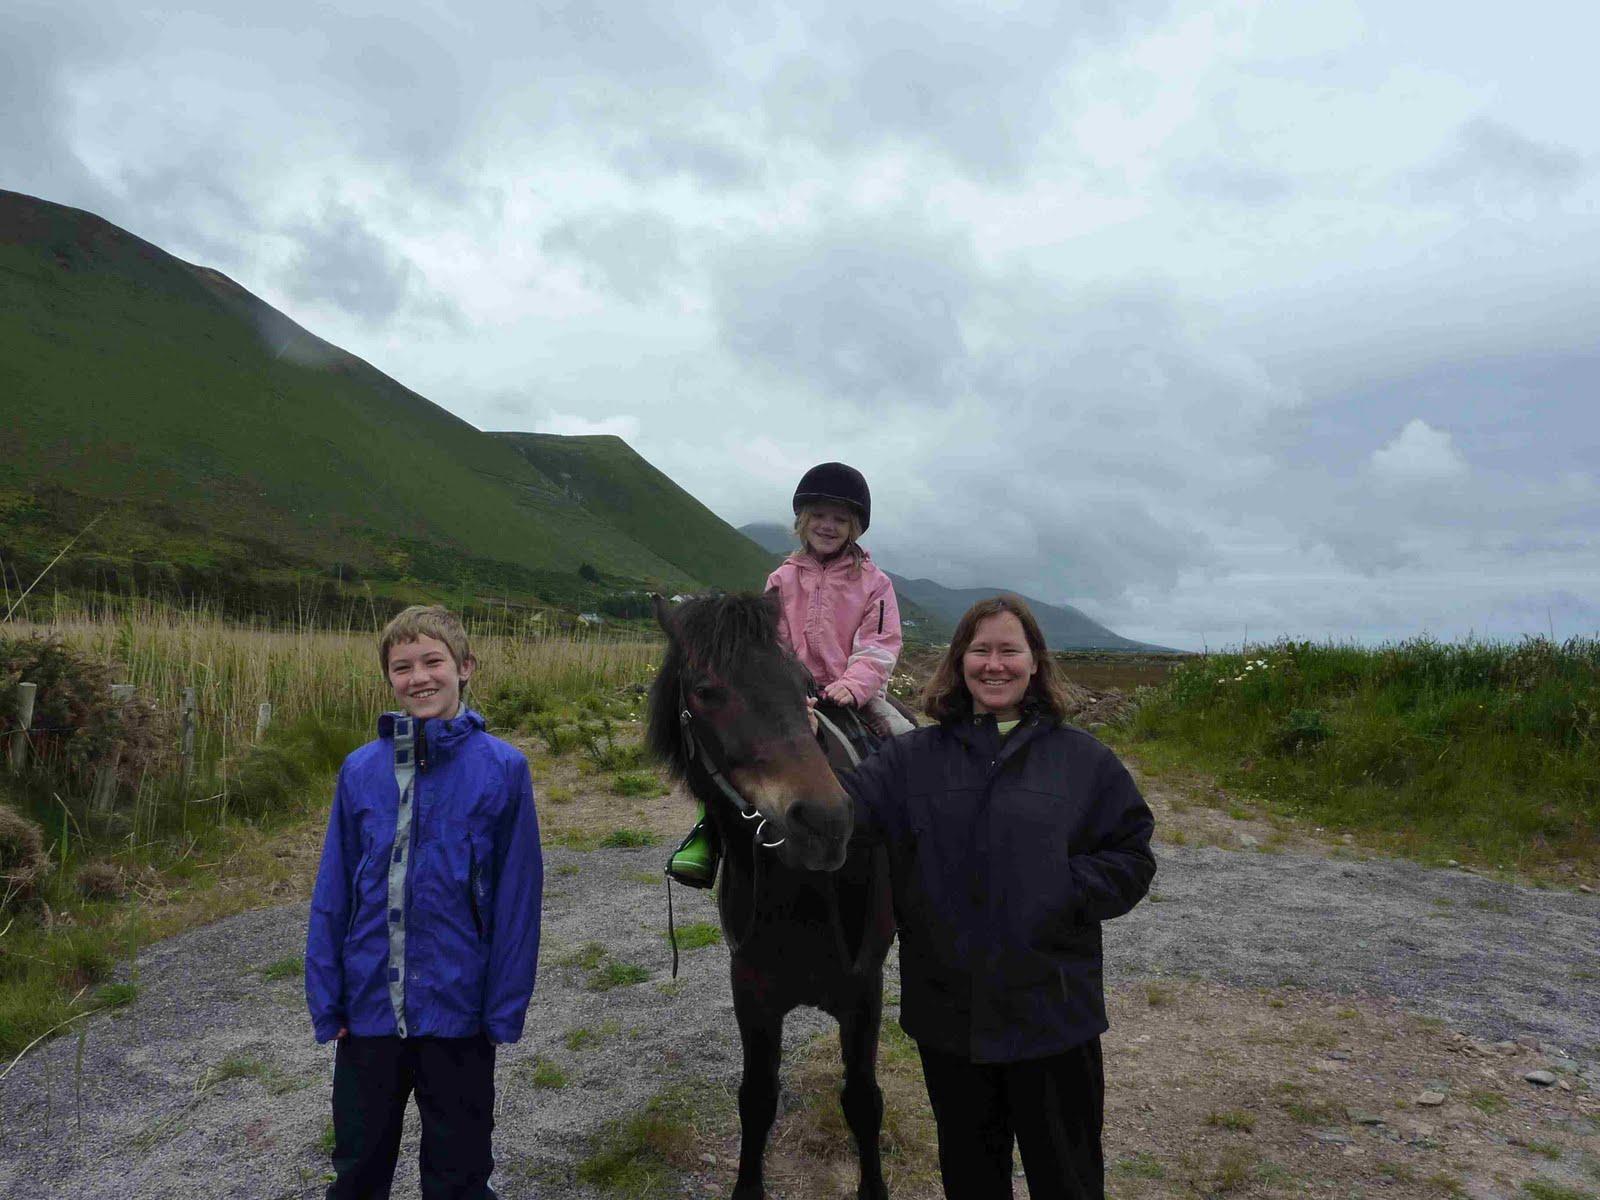 http://1.bp.blogspot.com/-PIfs5C6lMW8/TfTPOp19vMI/AAAAAAAAG40/vL-hTErJGI4/s1600/adele+horse+riding.JPG